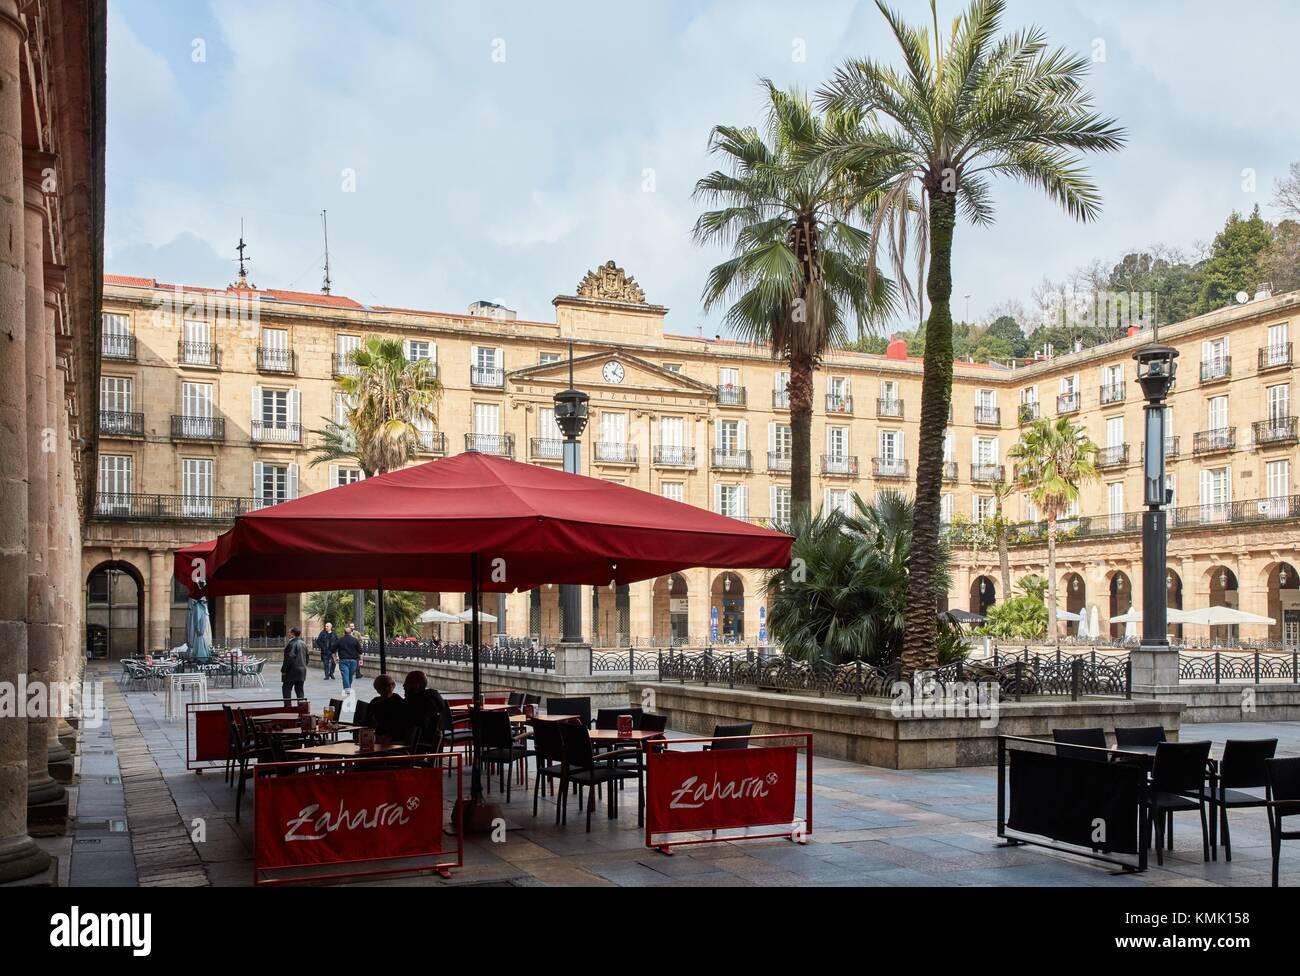 Plaza Nueva o Plaza Berria, Casco Viejo, Bilbao, Bizkaia, Paesi Baschi Immagini Stock